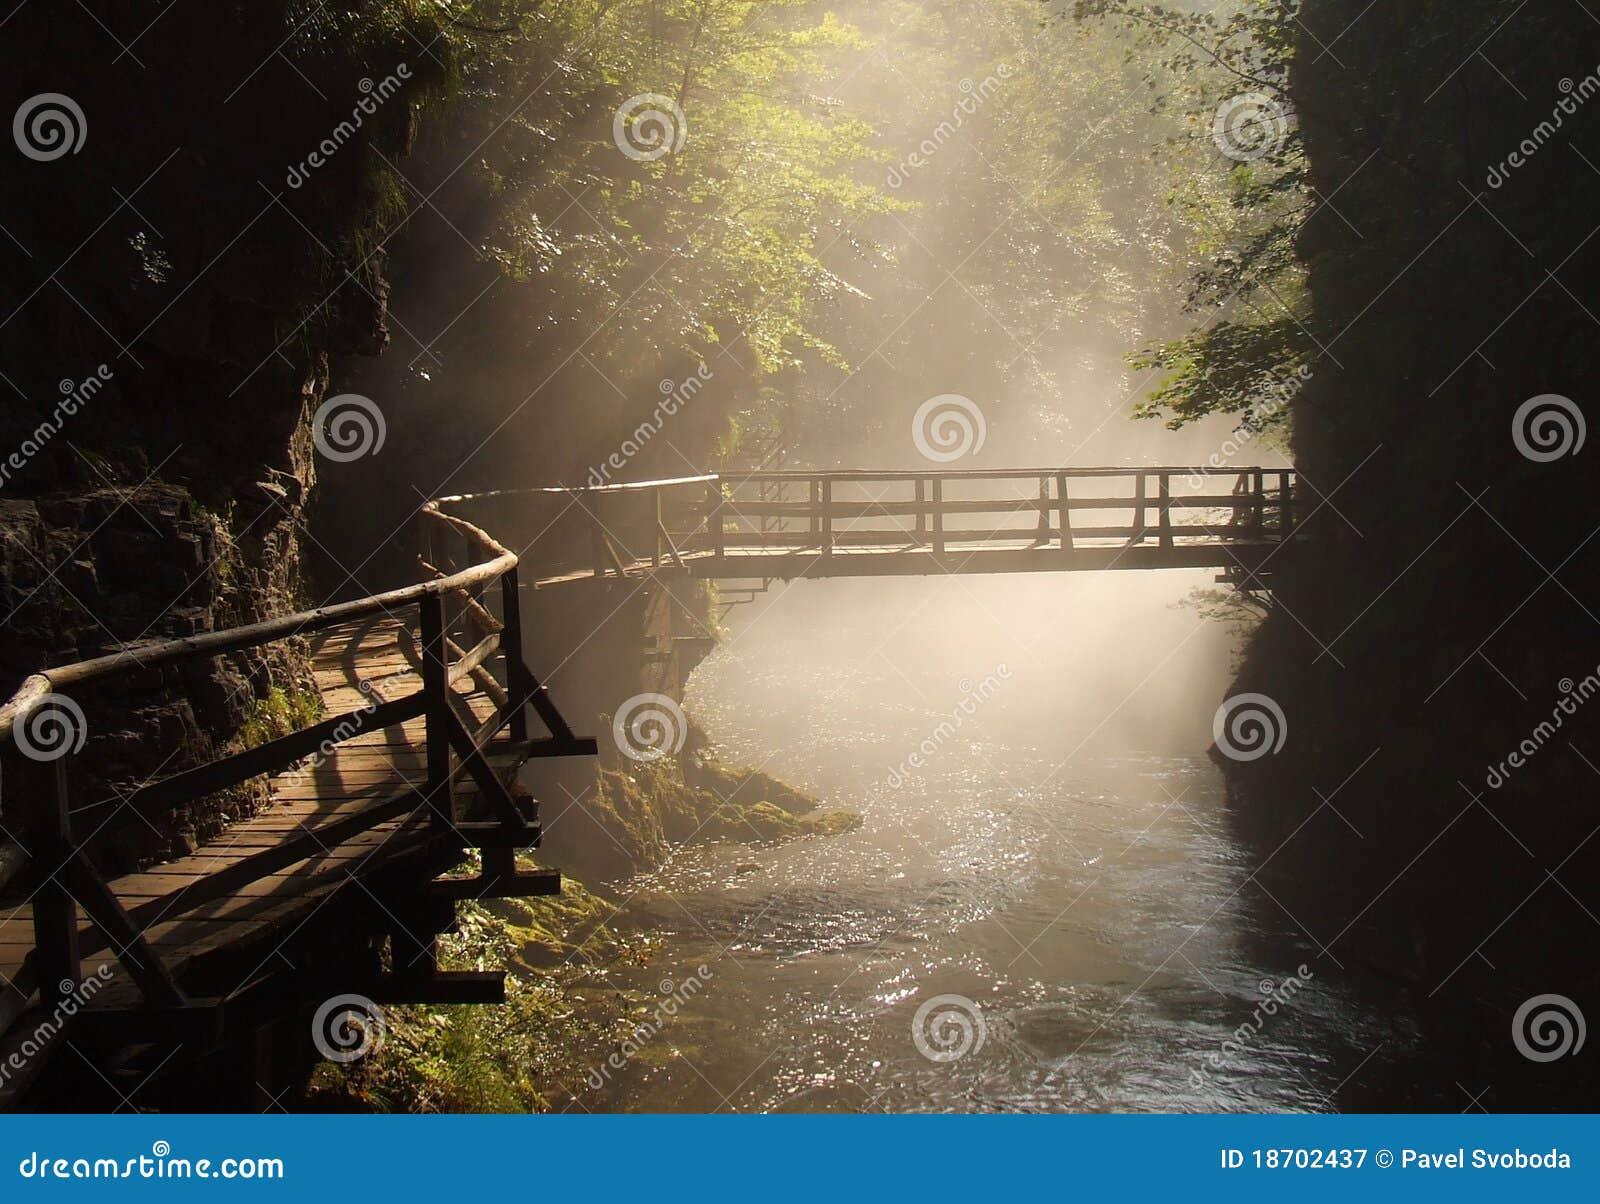 Wooden foot bridge in misty morning